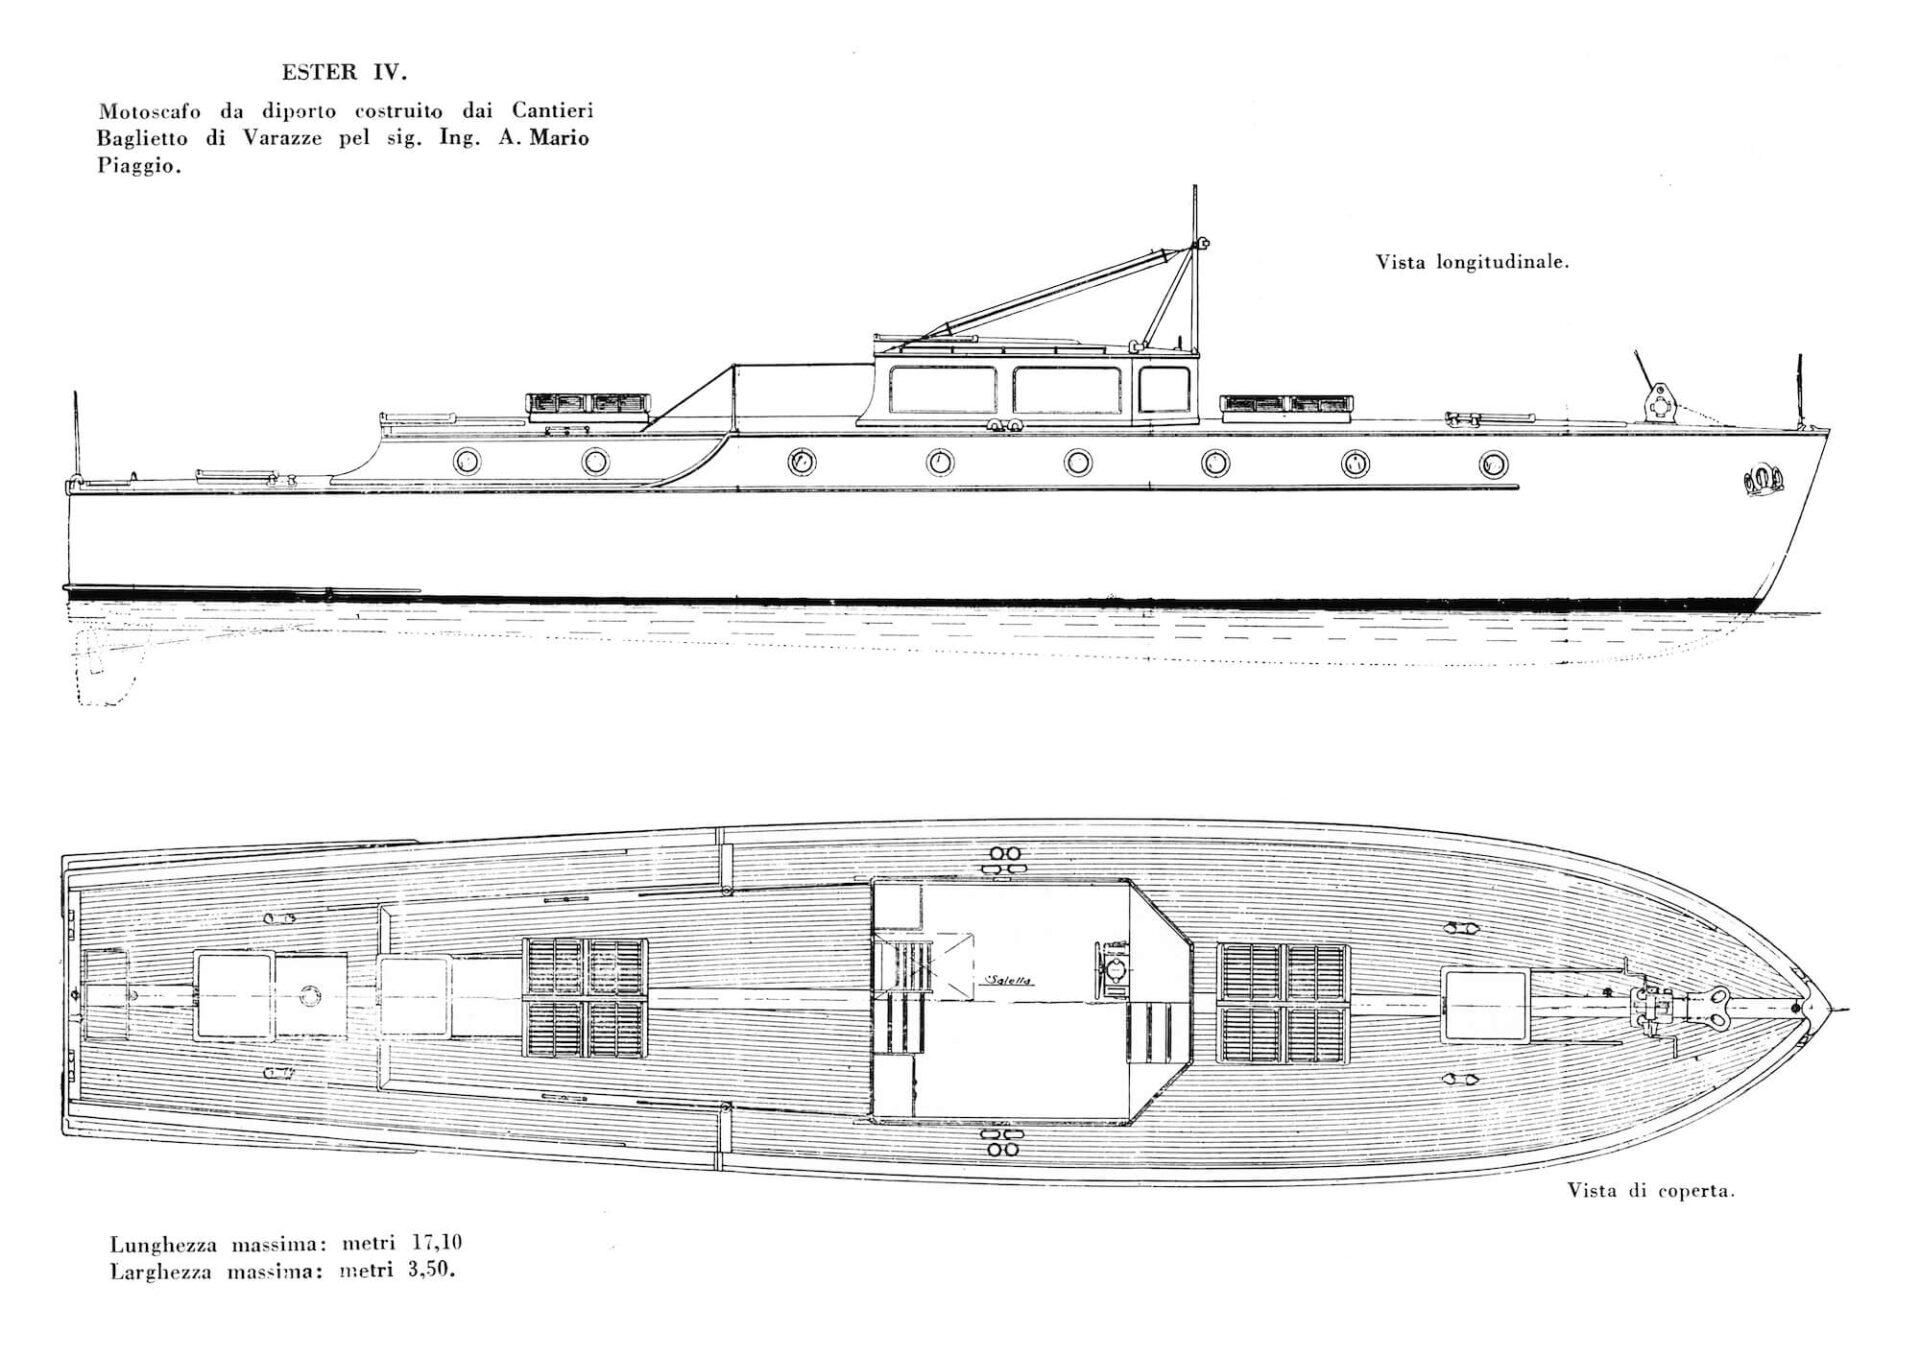 1930 – Progetto per Ester, panfilo per Mario Piaggio